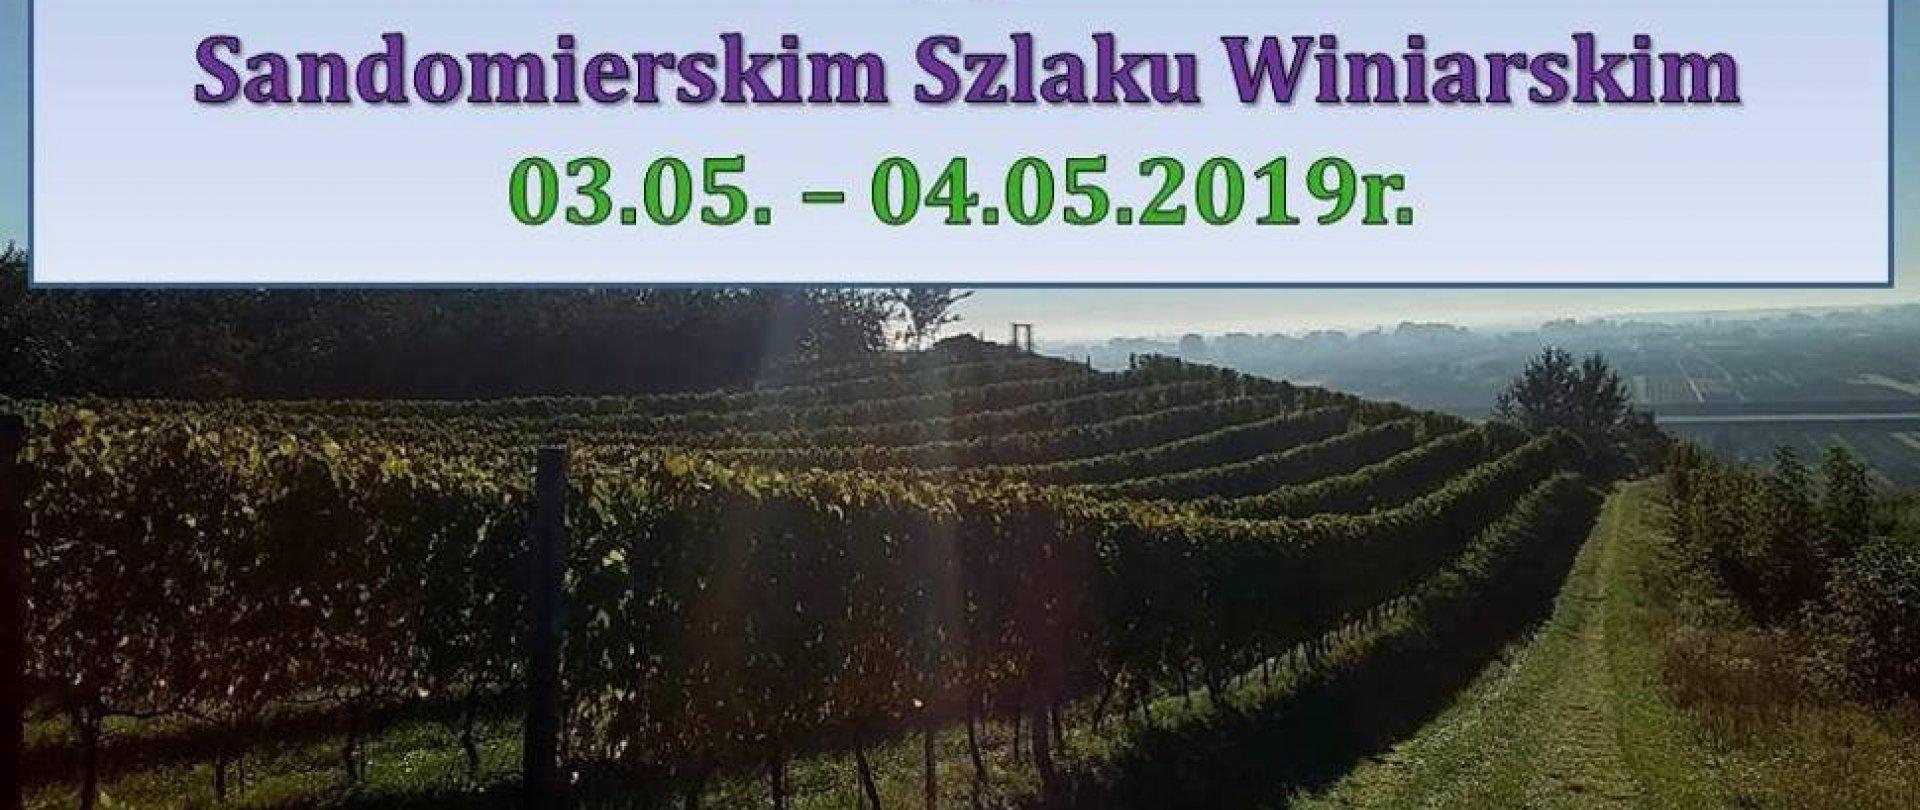 Dzień Otwartych Winnic 03-04.05.2019